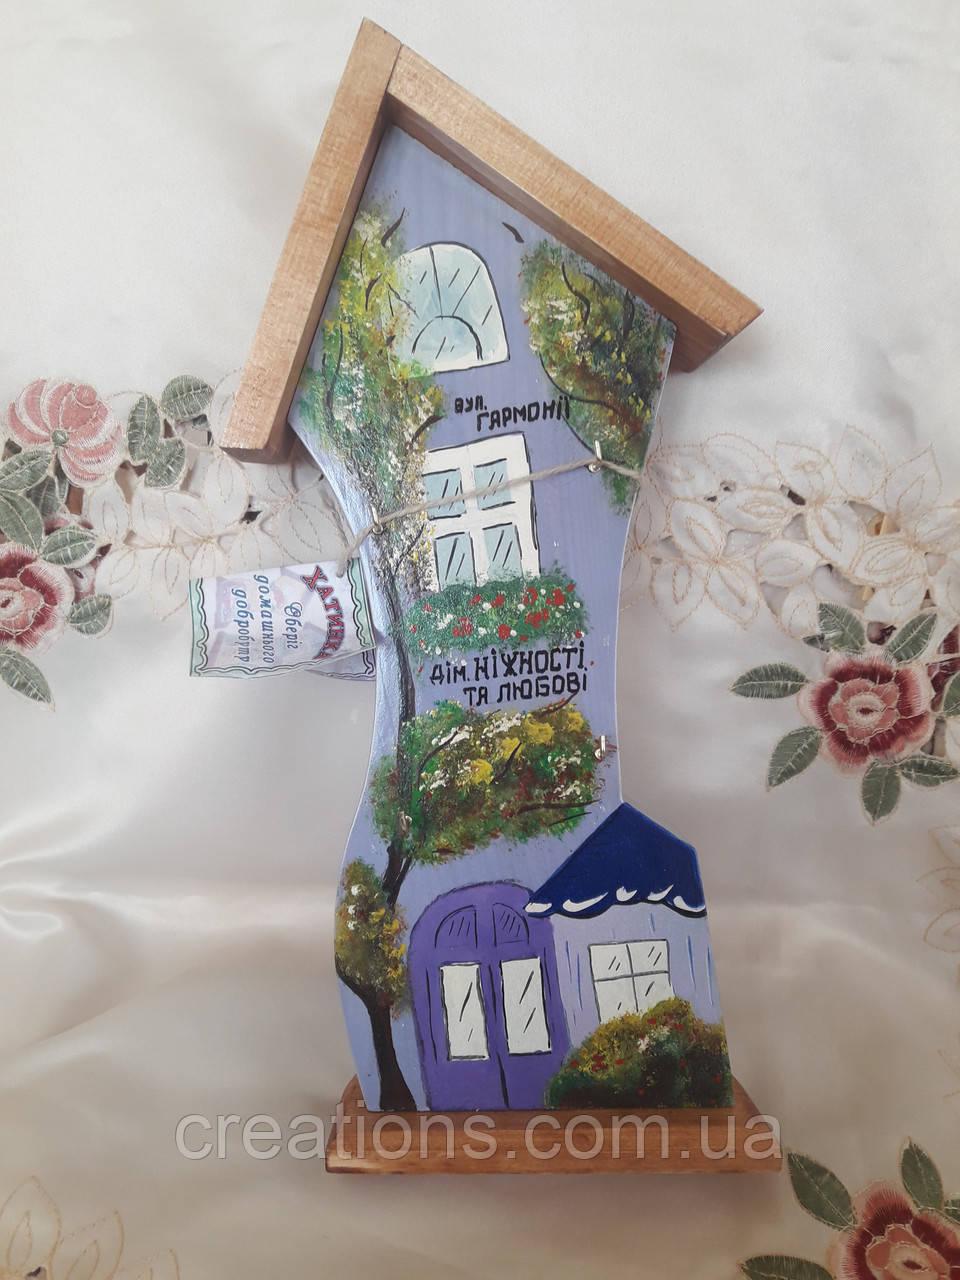 Ключница домик на 4 ключа 35 см. Дерево роспись